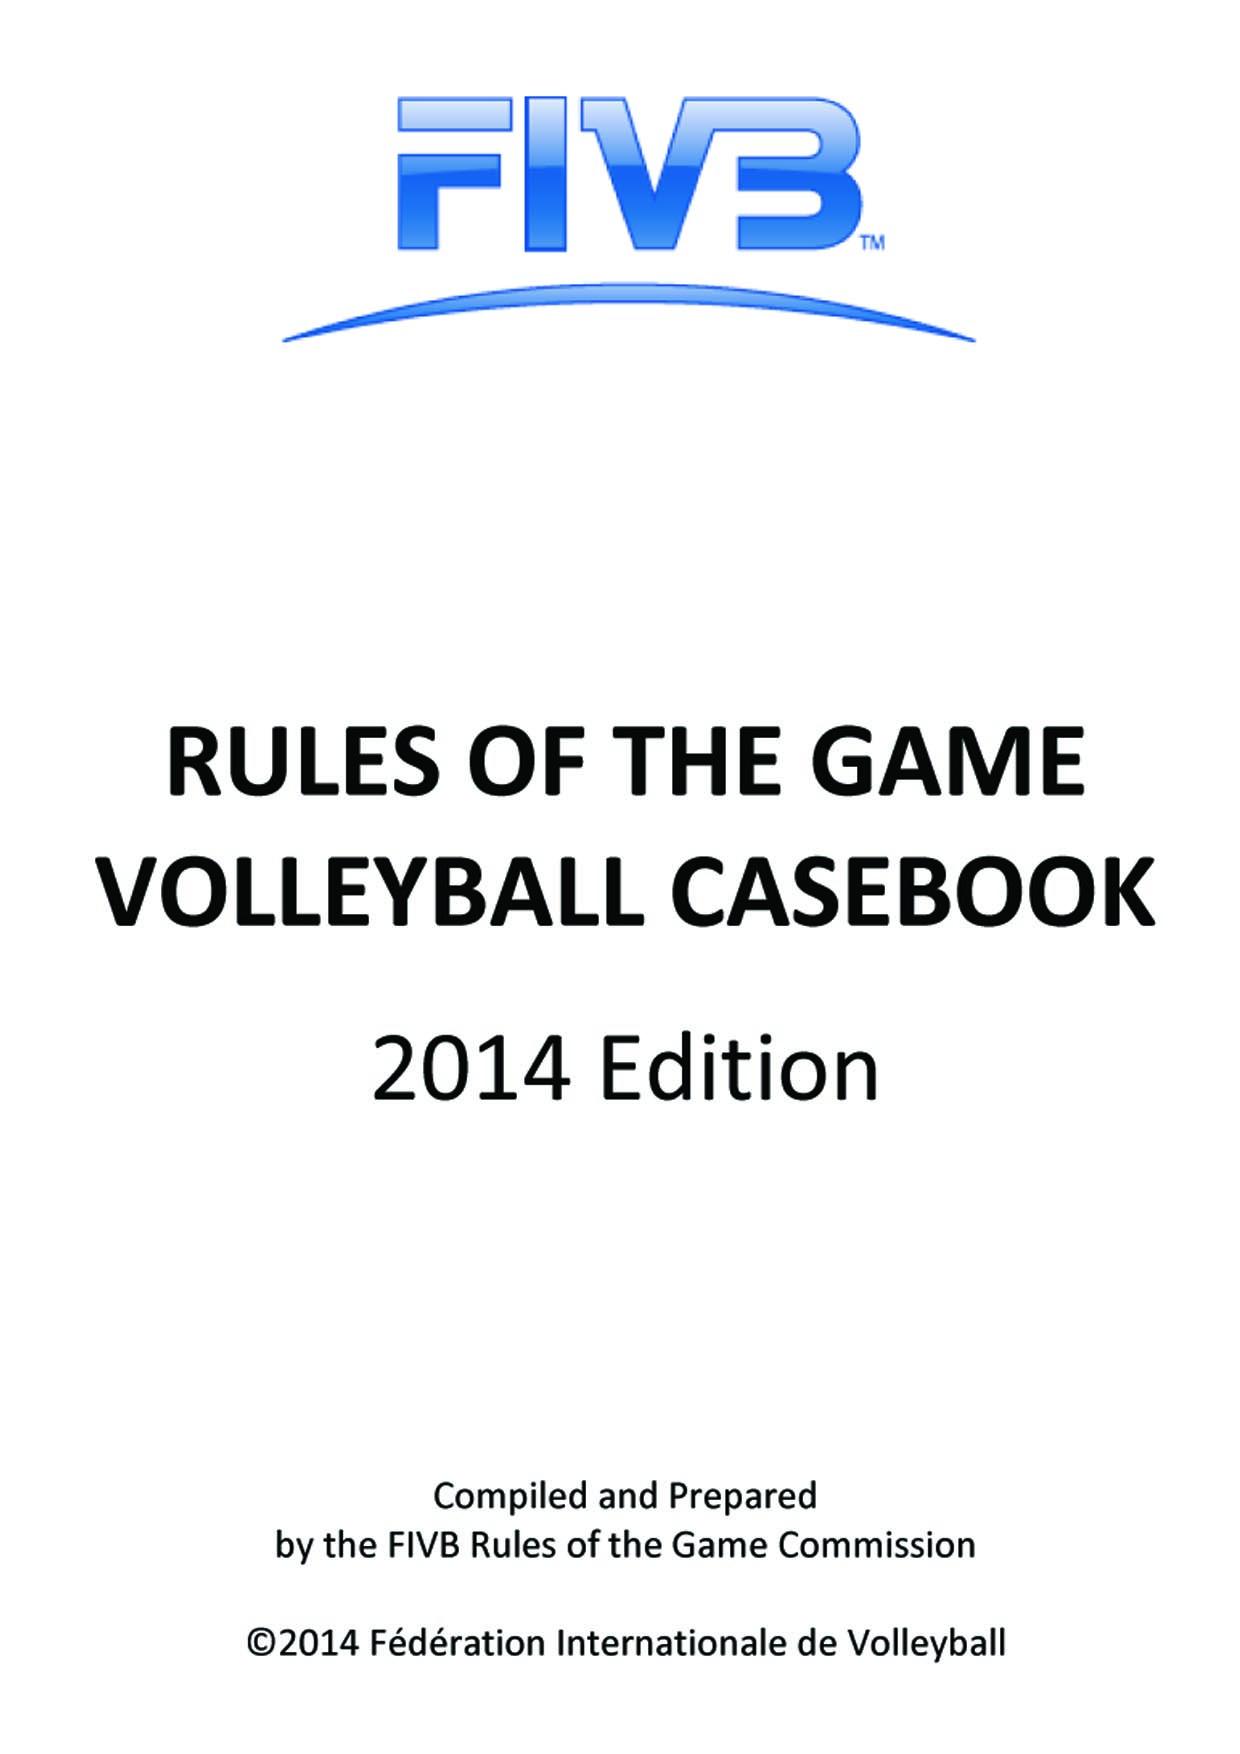 FIVB VB Casebook